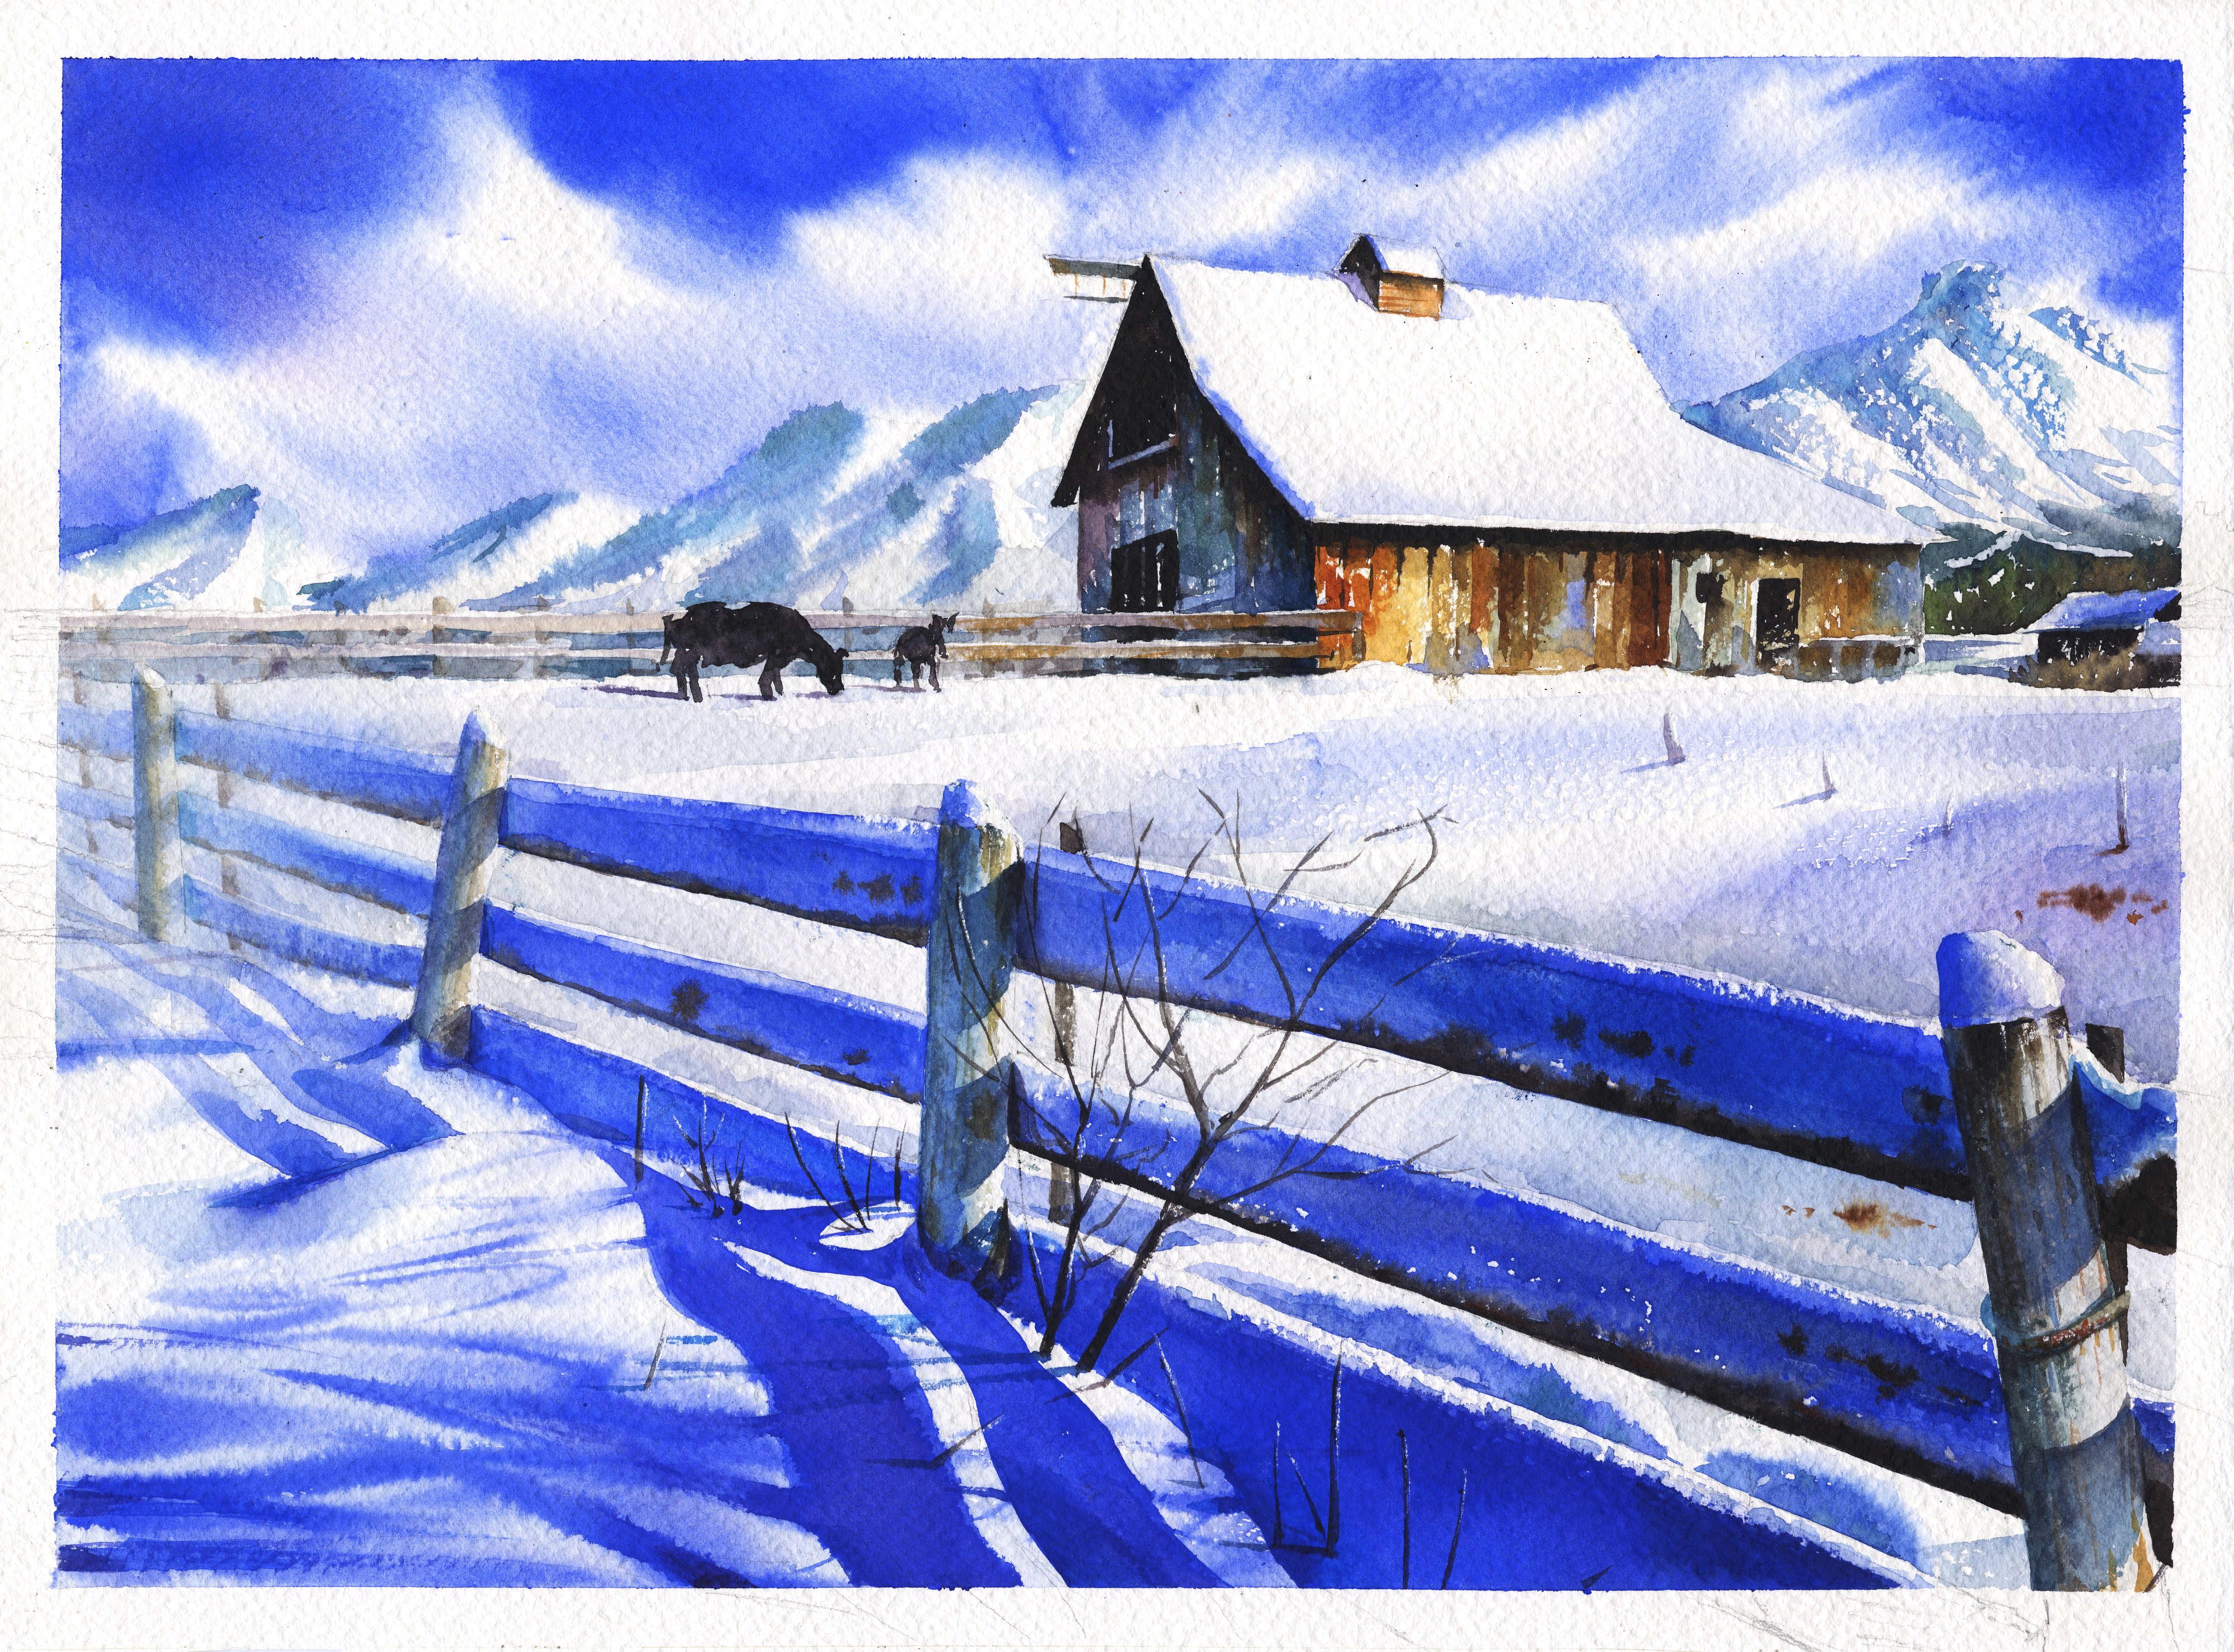 Fotos Gratis Nieve Madera Pintar Azul Pintura Art Figura